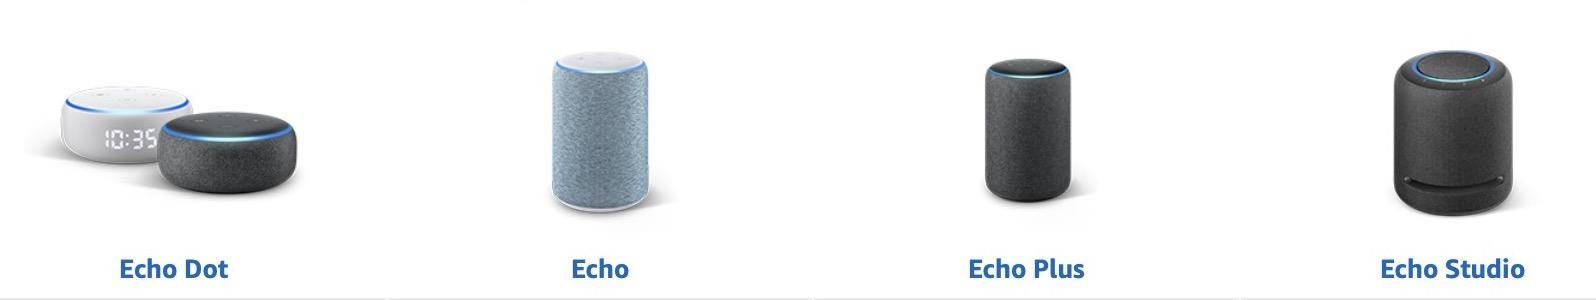 Alexa Home Theater: con Fire TV Stick 4K l'audio da salotto potente e smart di Amazon